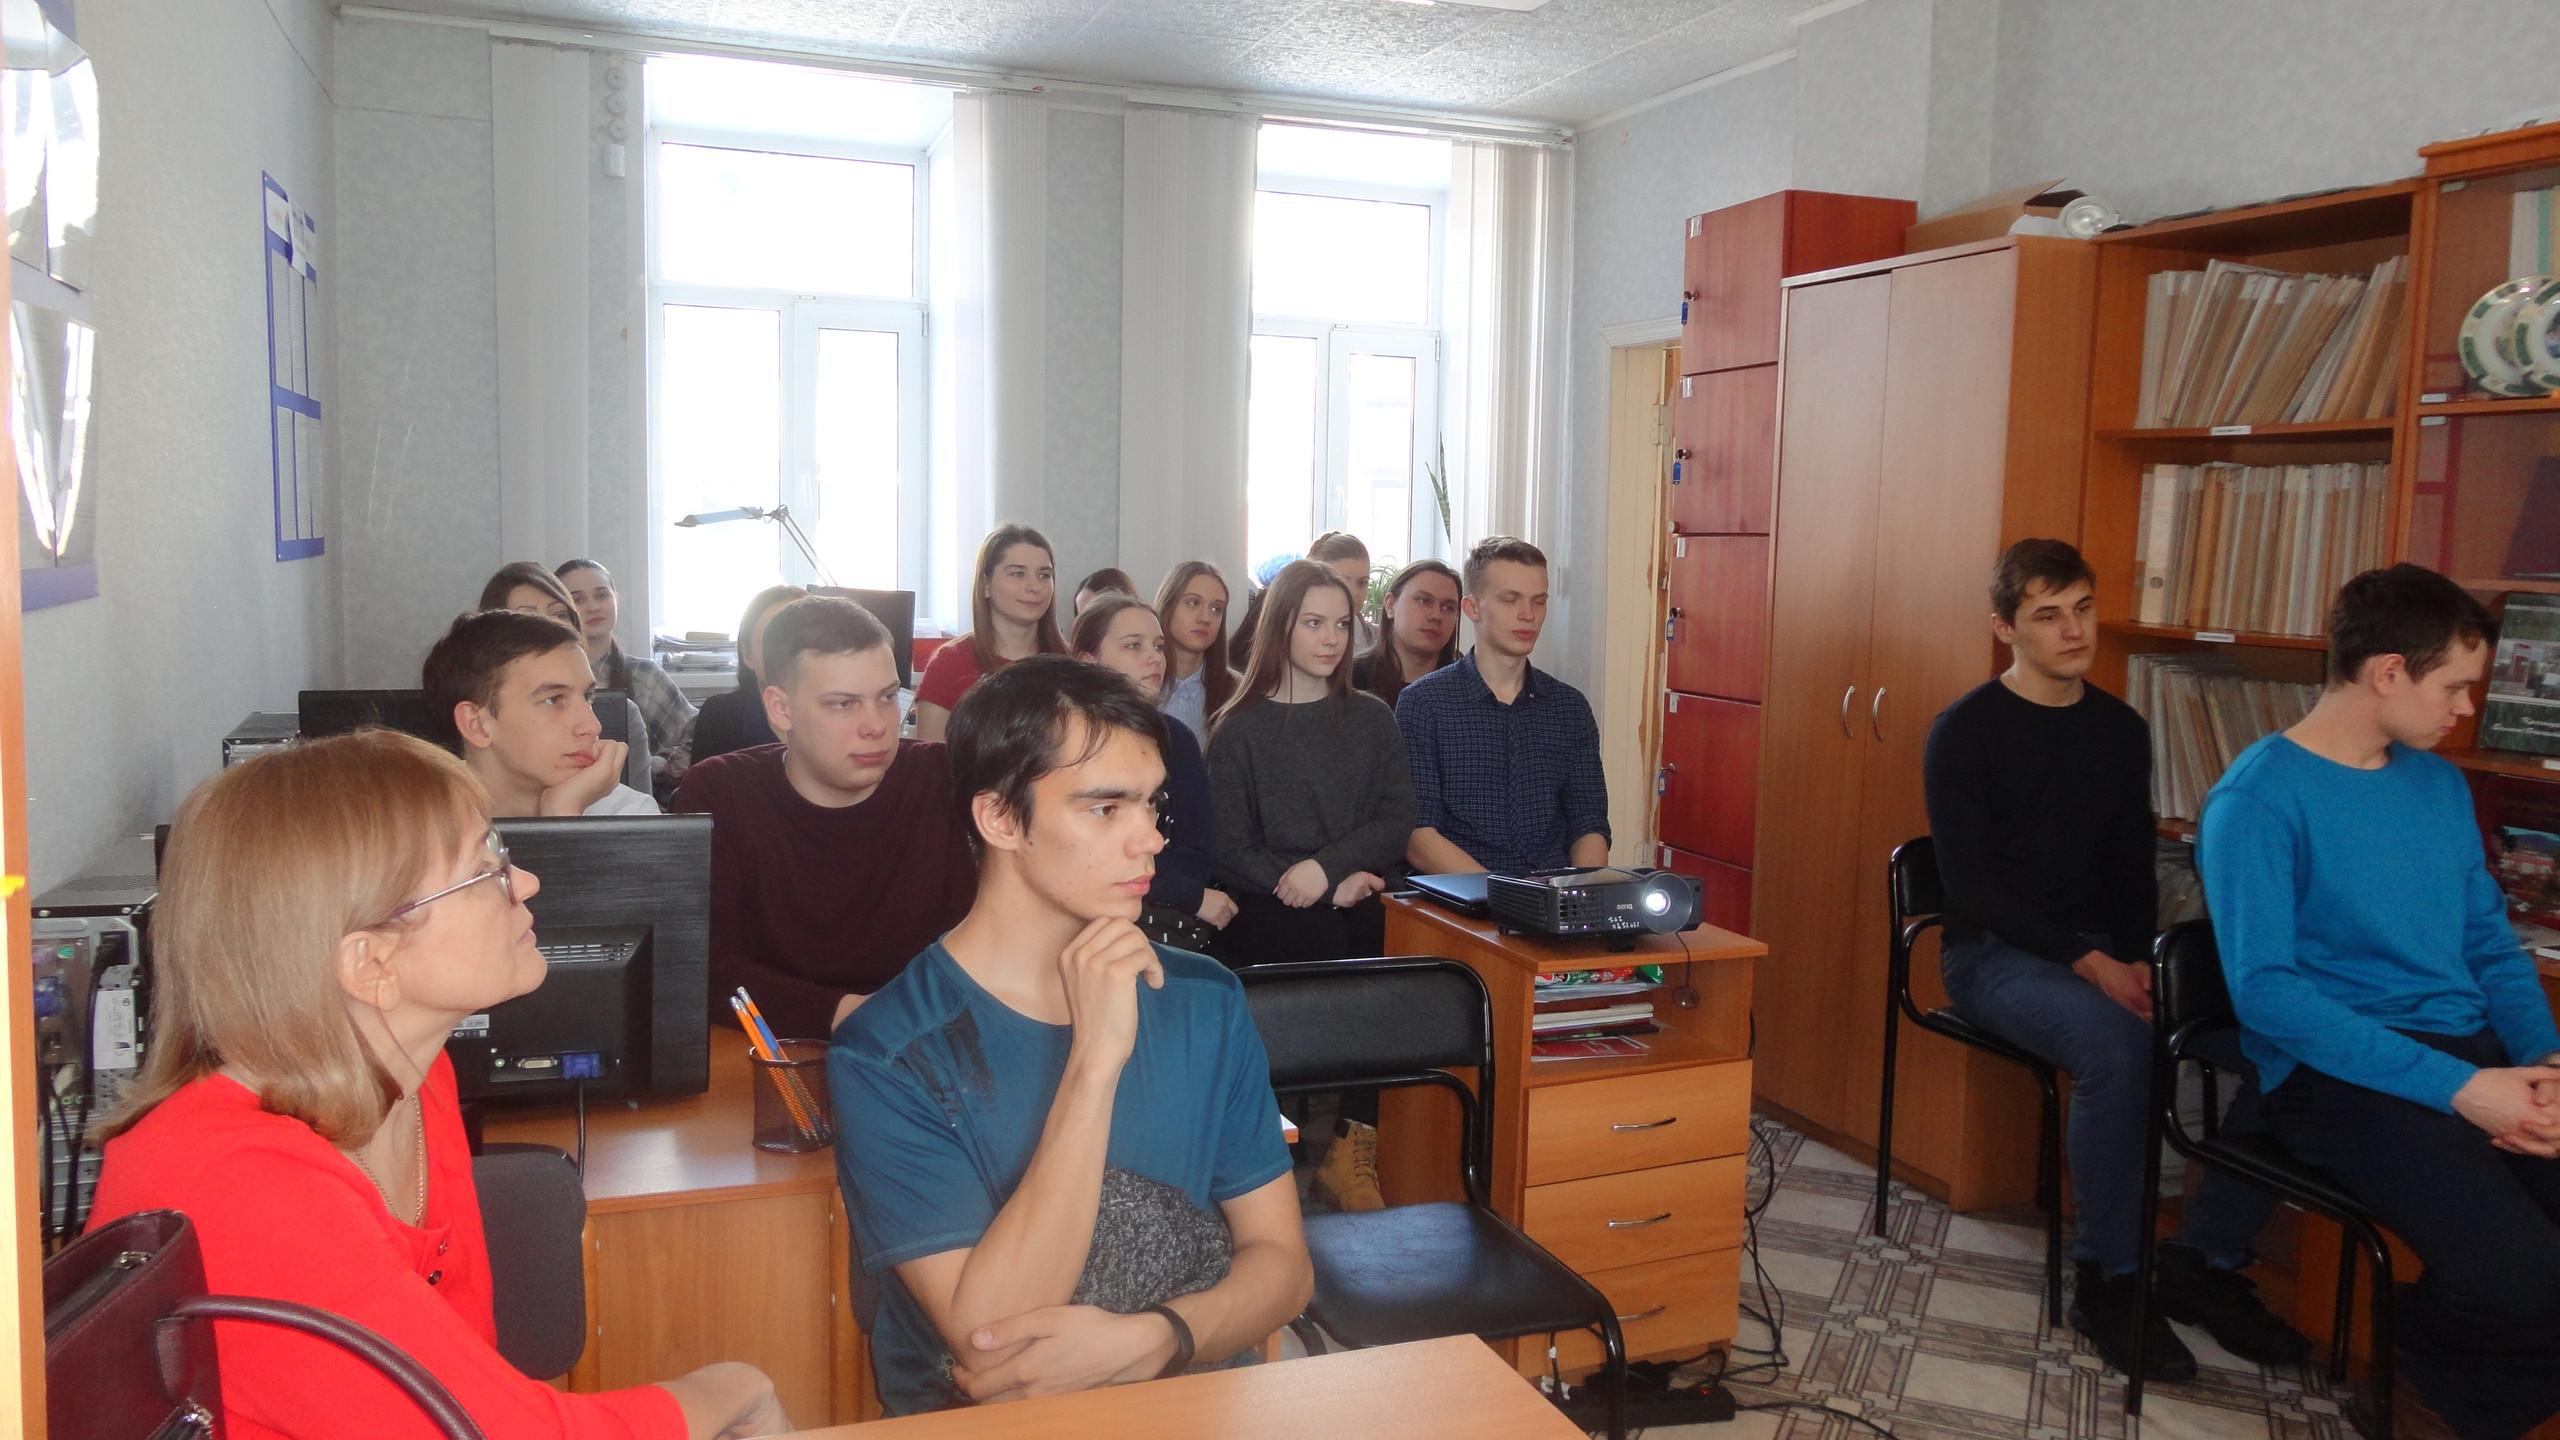 Одиннадцатиклассники из школы № 3 г. Красноуфимска в читальном зале  архива